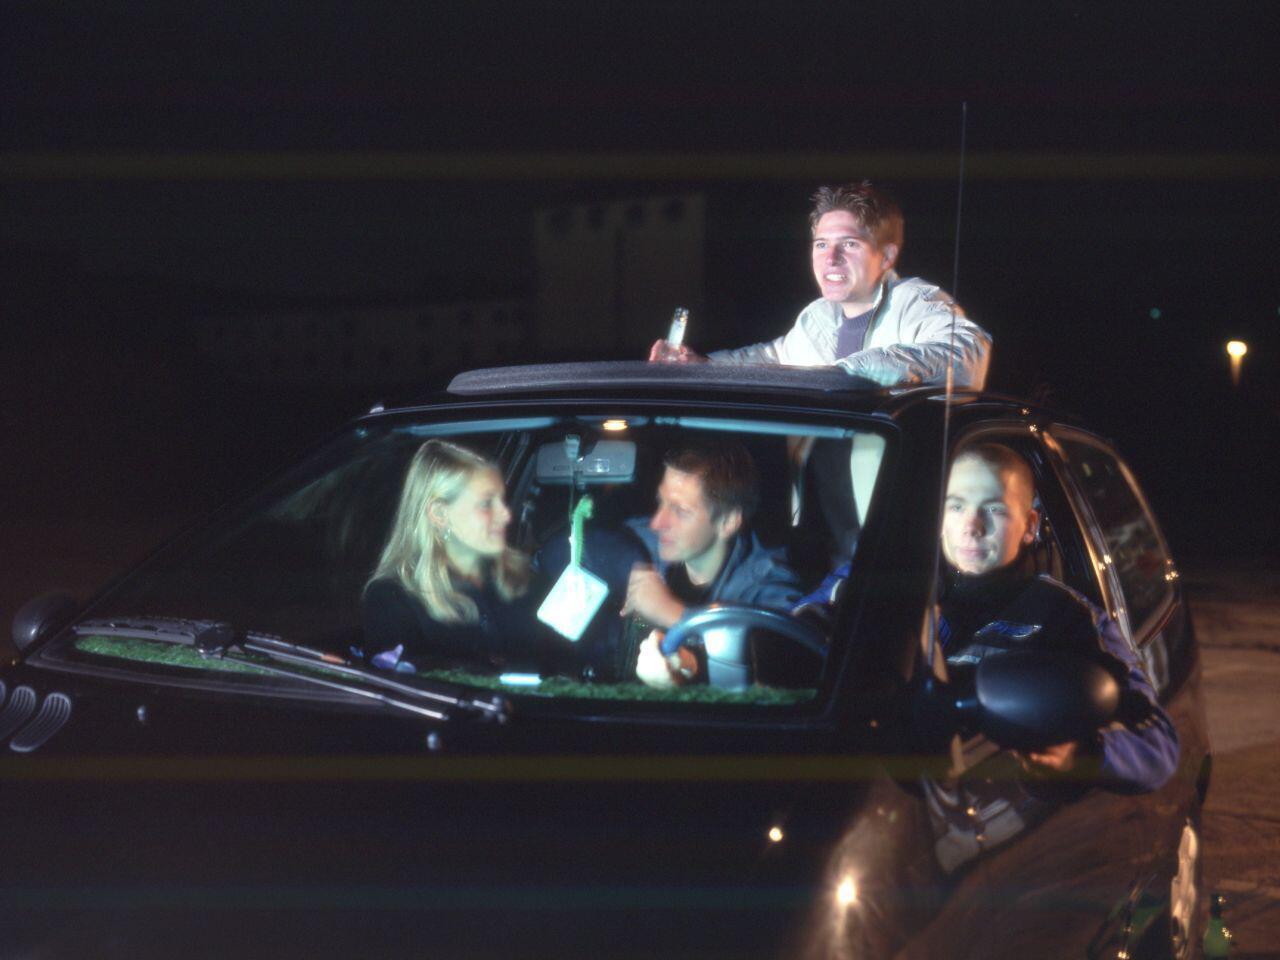 Bild zu Alkohol und Autofahren: Aus Sicherheitsgründen sollte man darauf verzichten